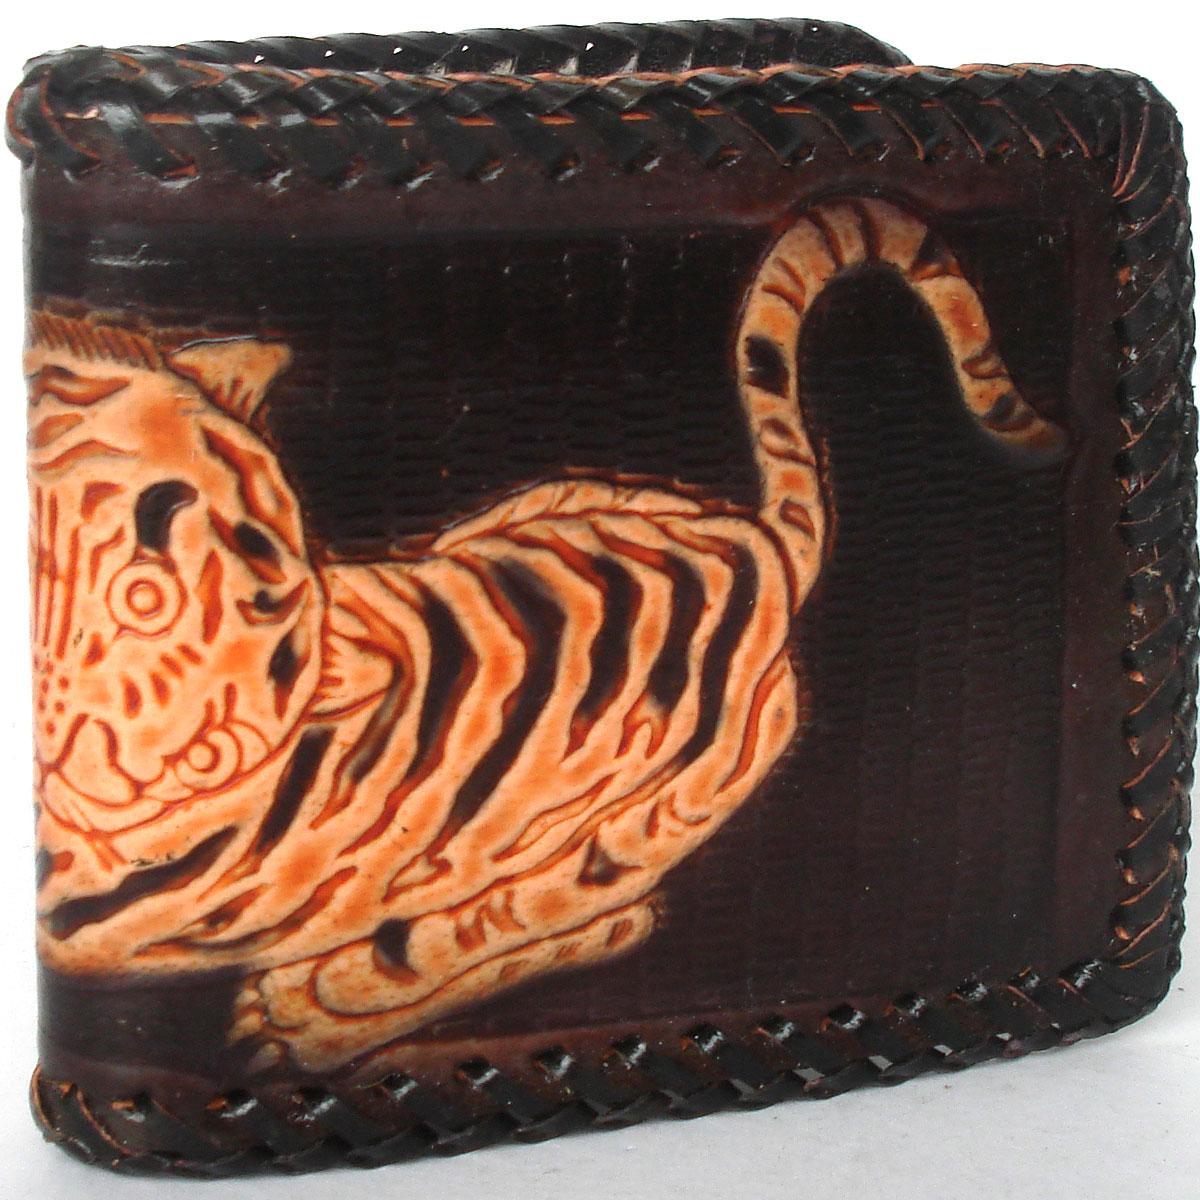 กระเป๋าสตางค์แบบ 2 พับ หนังวัวแท้ Line id : 0853457150